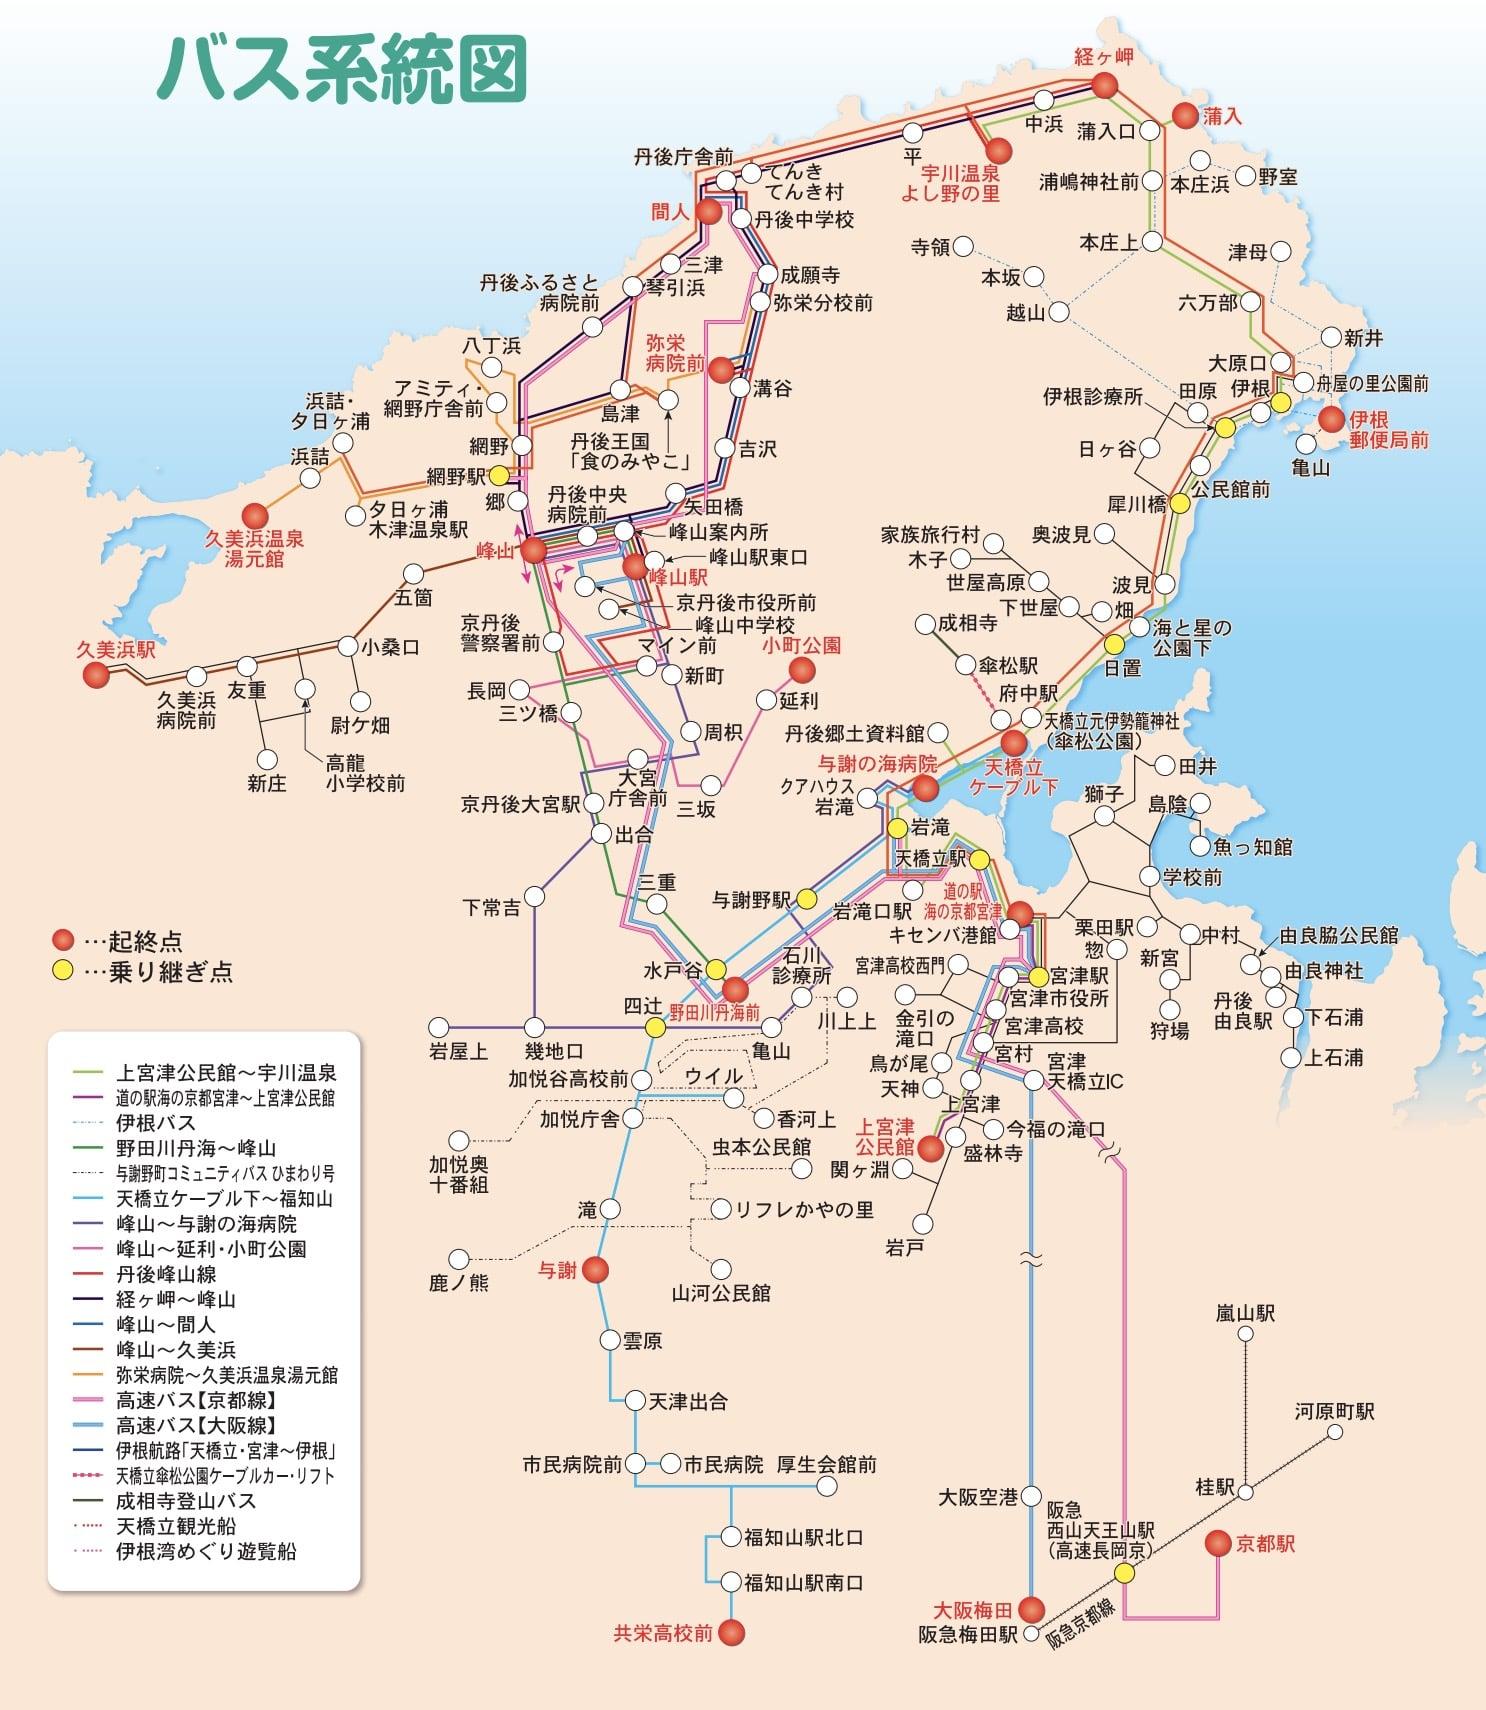 京都府北部丹後市巴士|丹海巴士路線、天橋立搭巴士到伊根町